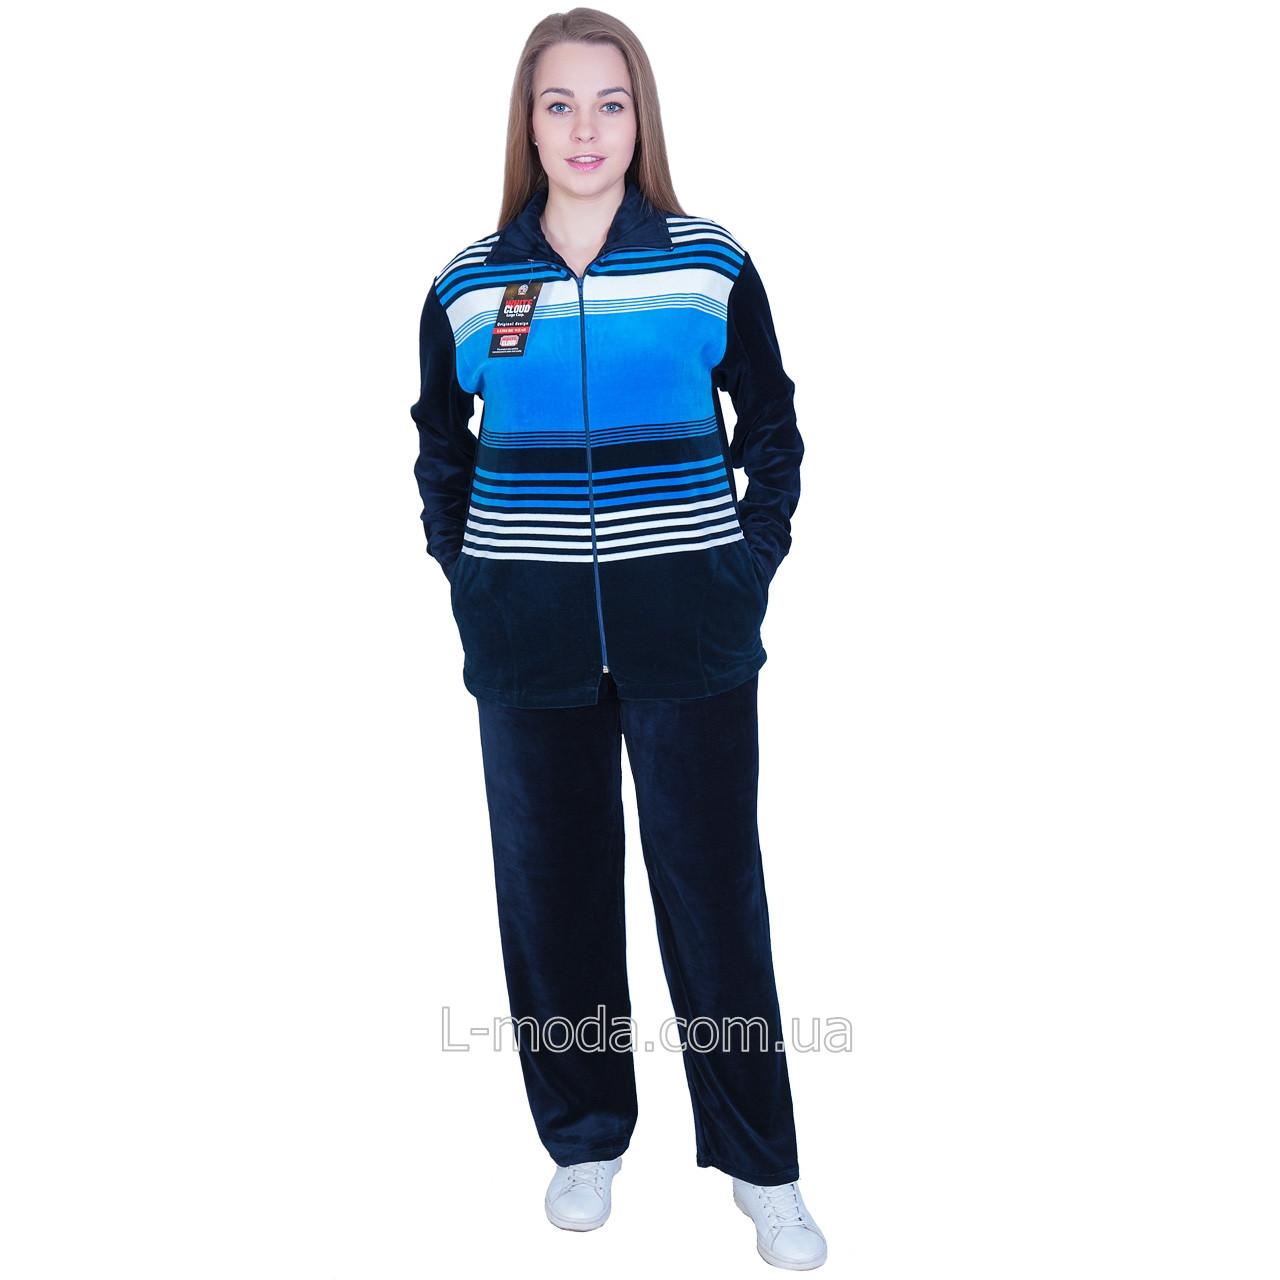 Спортивный костюм женский велюровый широкая полоса